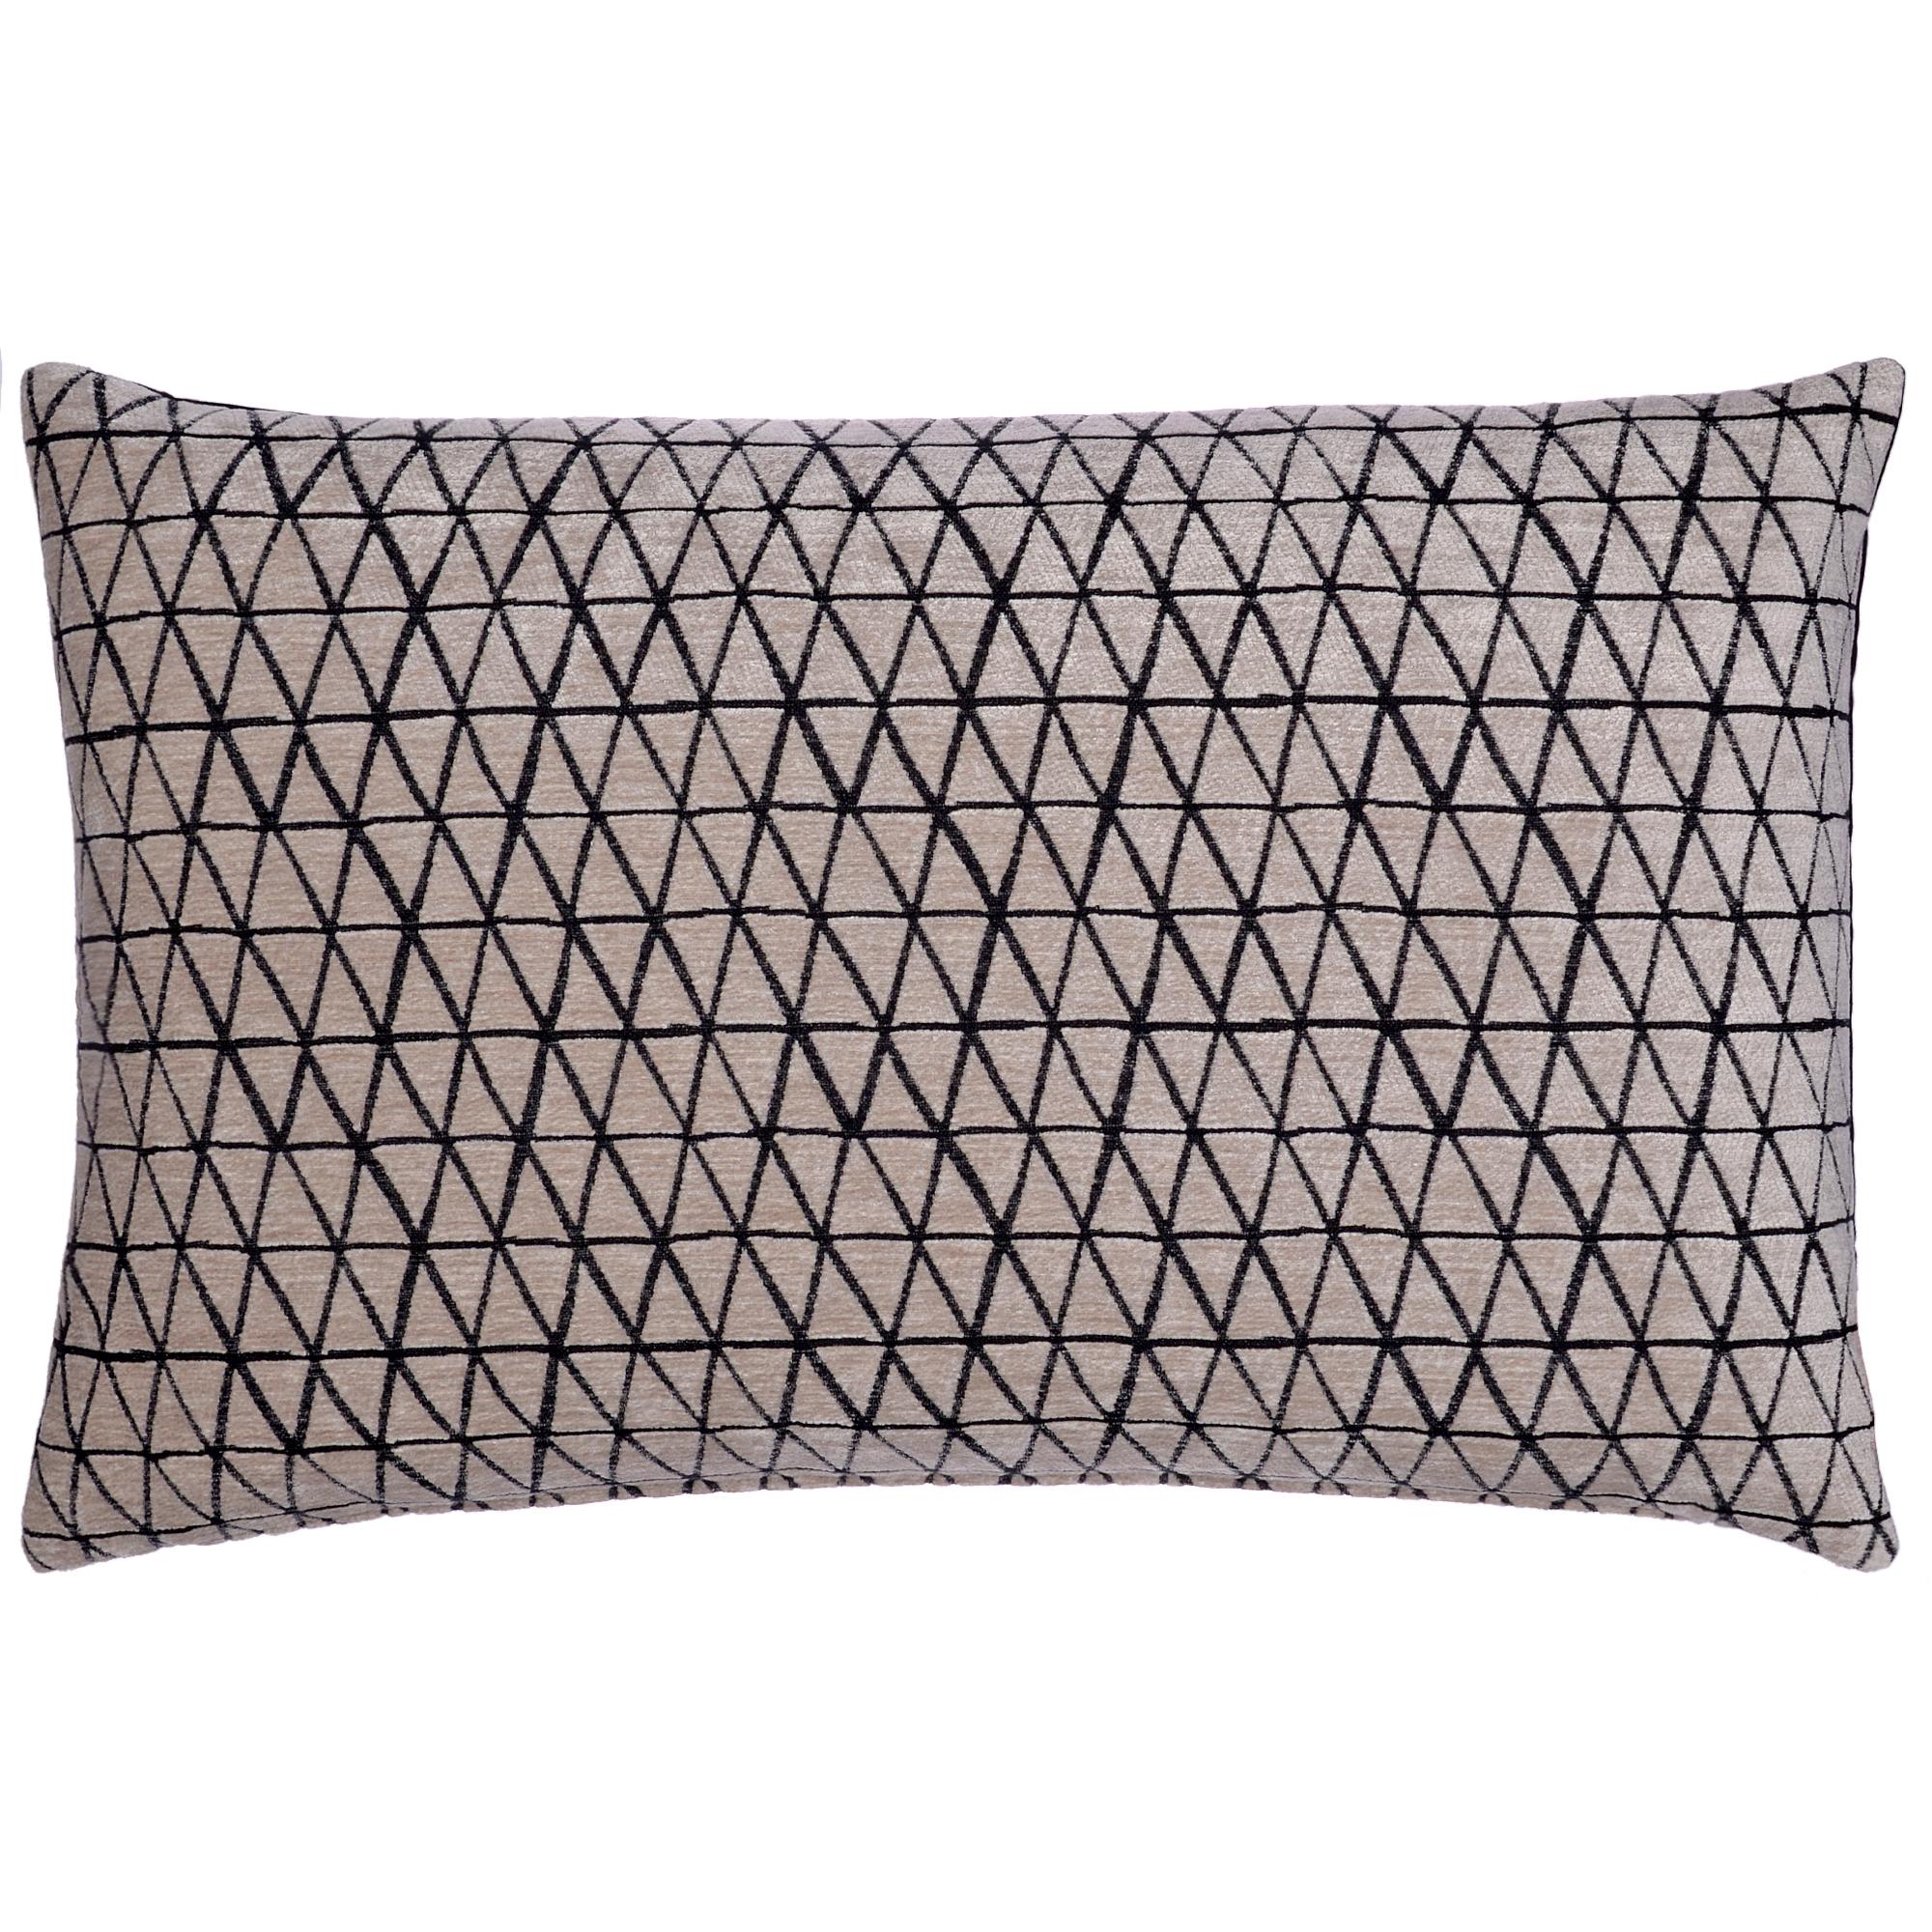 sofakissen 40 x 60 cm mit dauneninlett schwarz creme. Black Bedroom Furniture Sets. Home Design Ideas